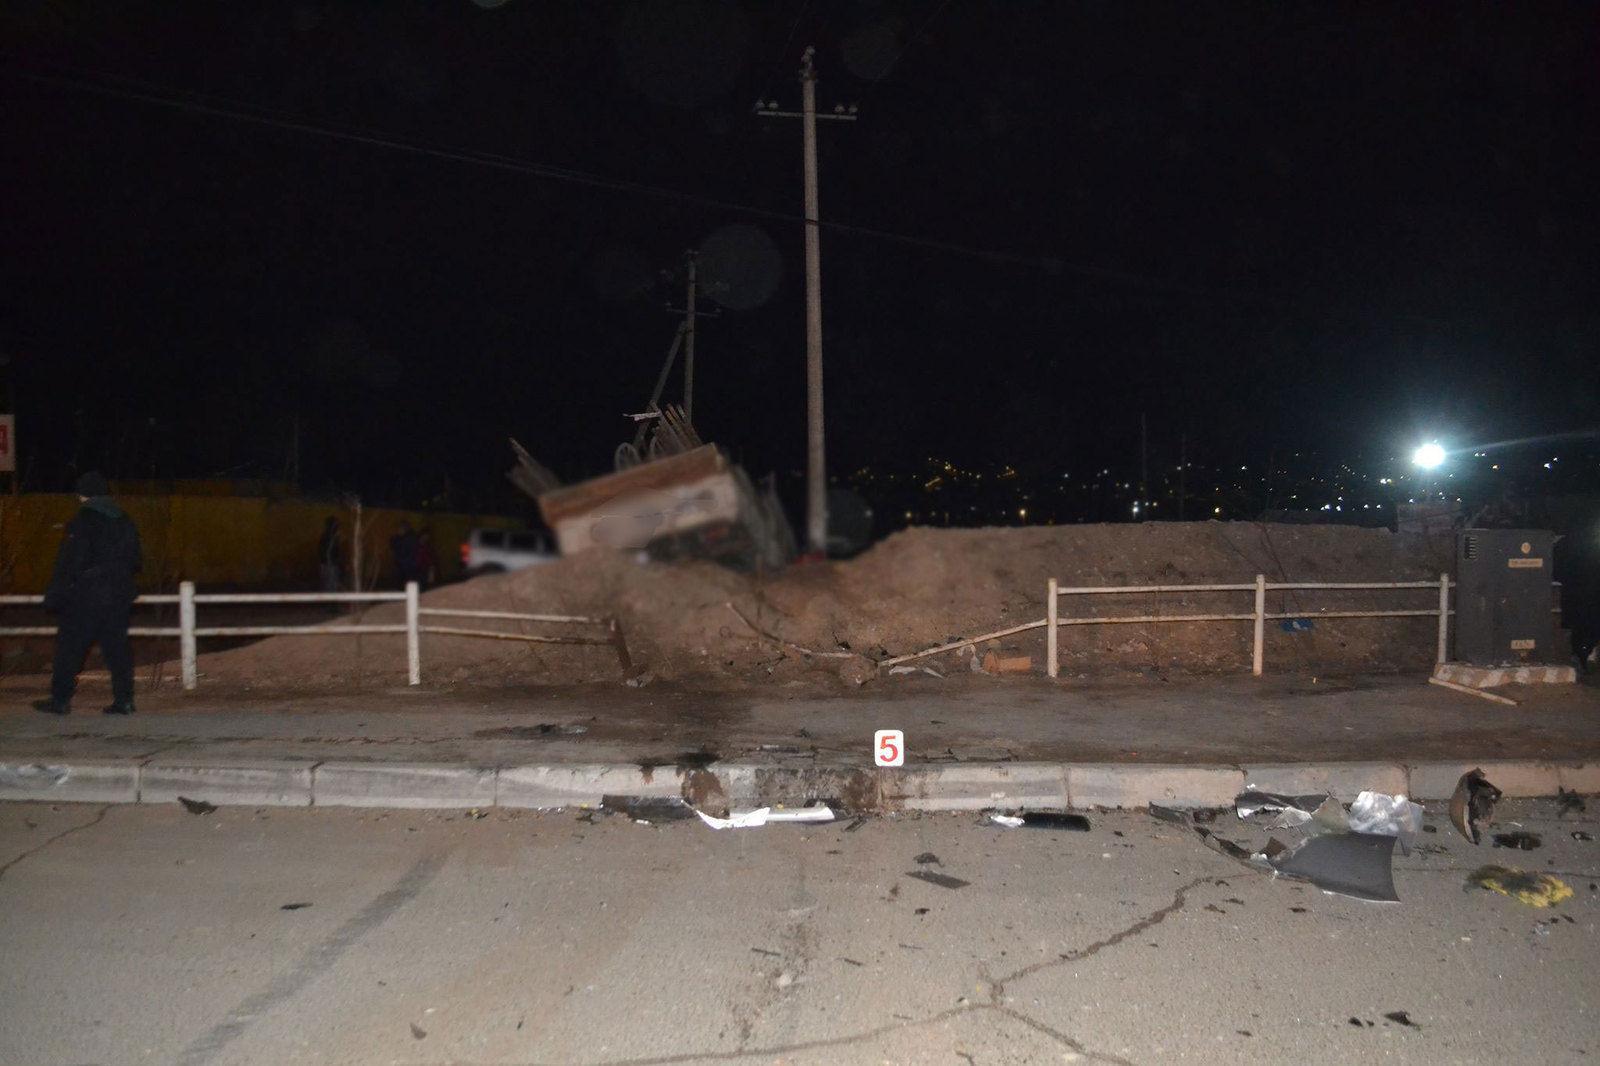 c9f8c9_daxin2_x974 Долоон автомашин мөргөлдсөн осол Баяхошуунд гарчээ